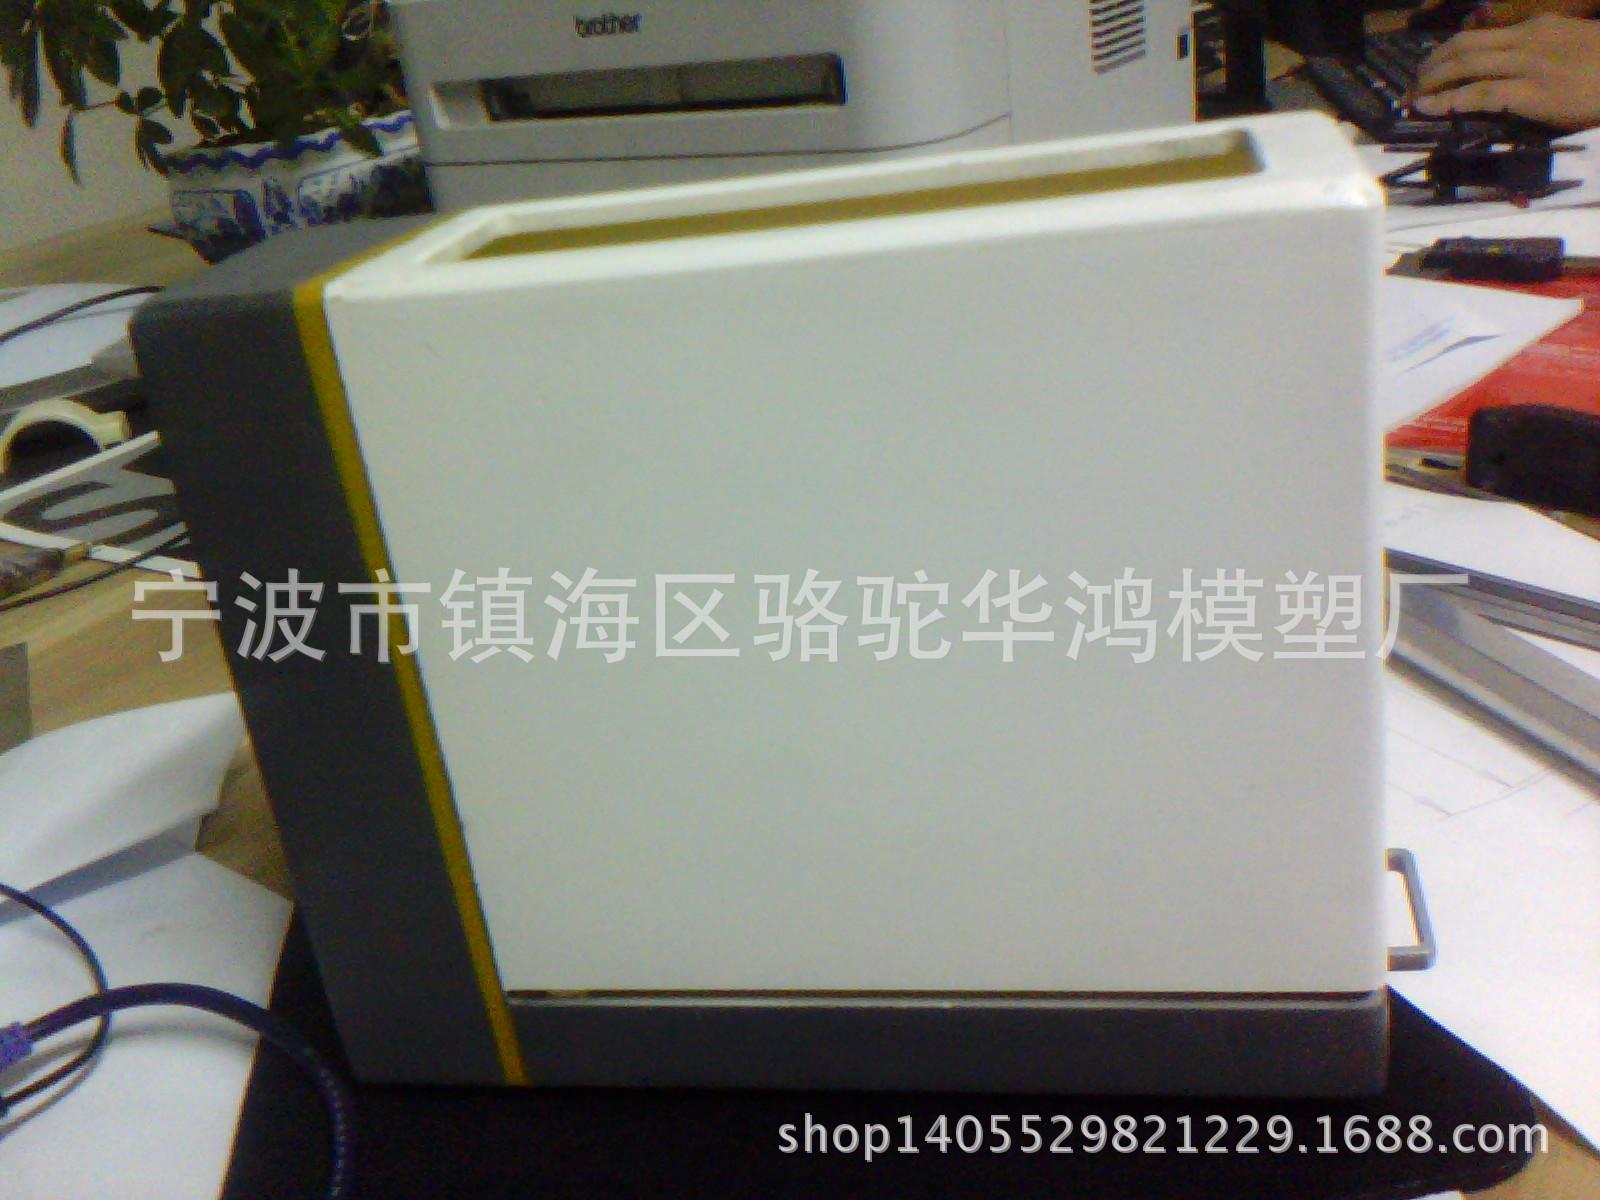 业余提供音像制品手板模型 代料代工加工 加工中心